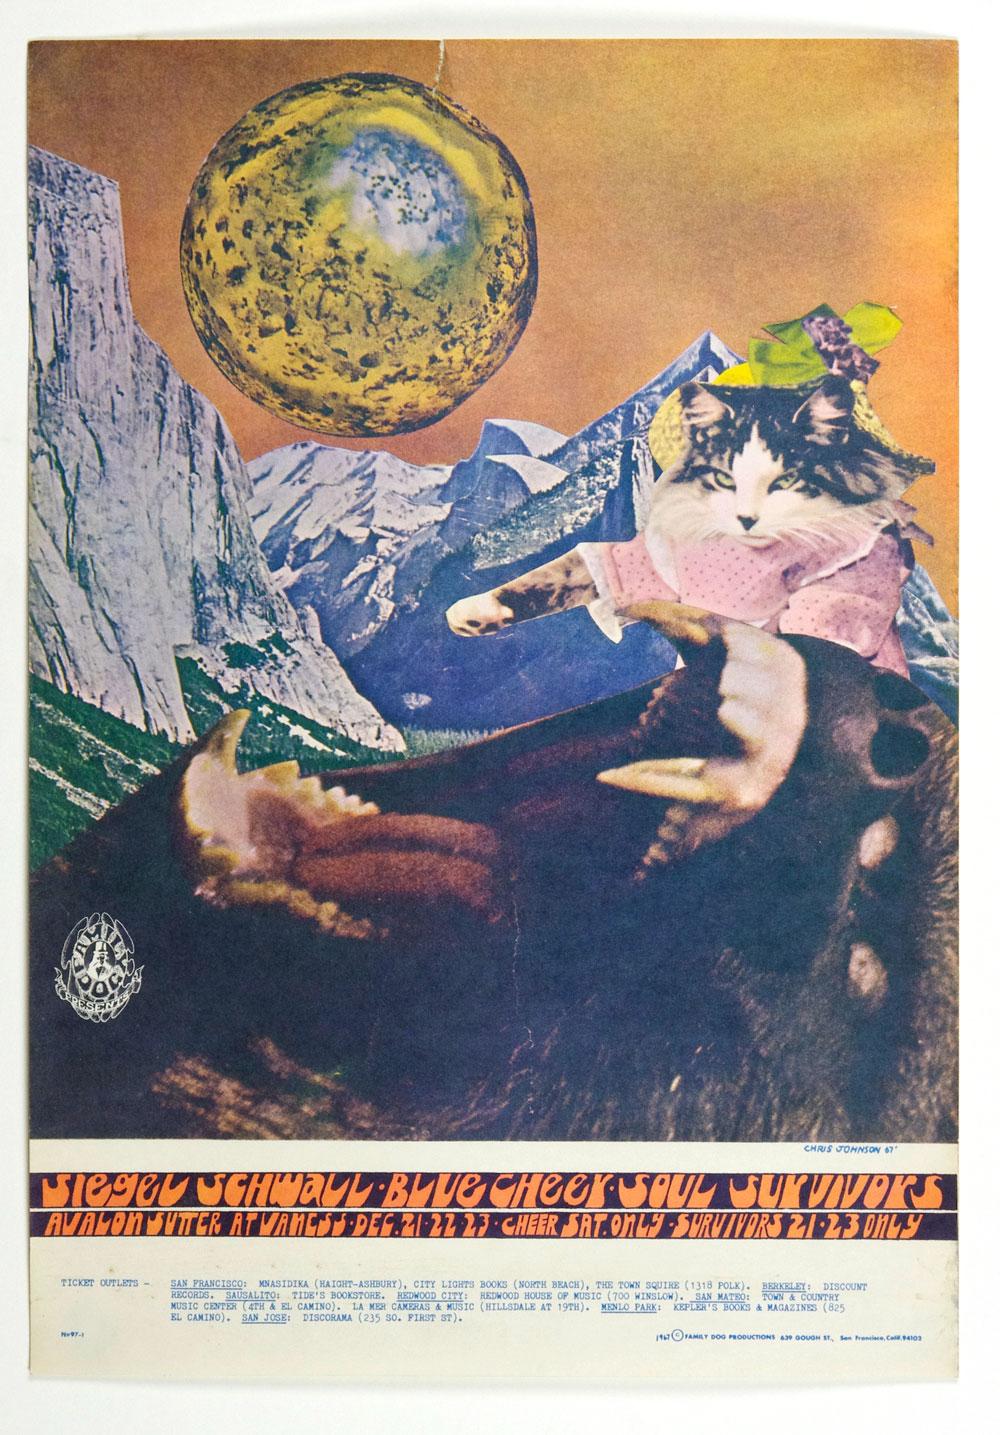 FD  97 Poster Siegal Schwall Blue Cheer 1967 Dec 21